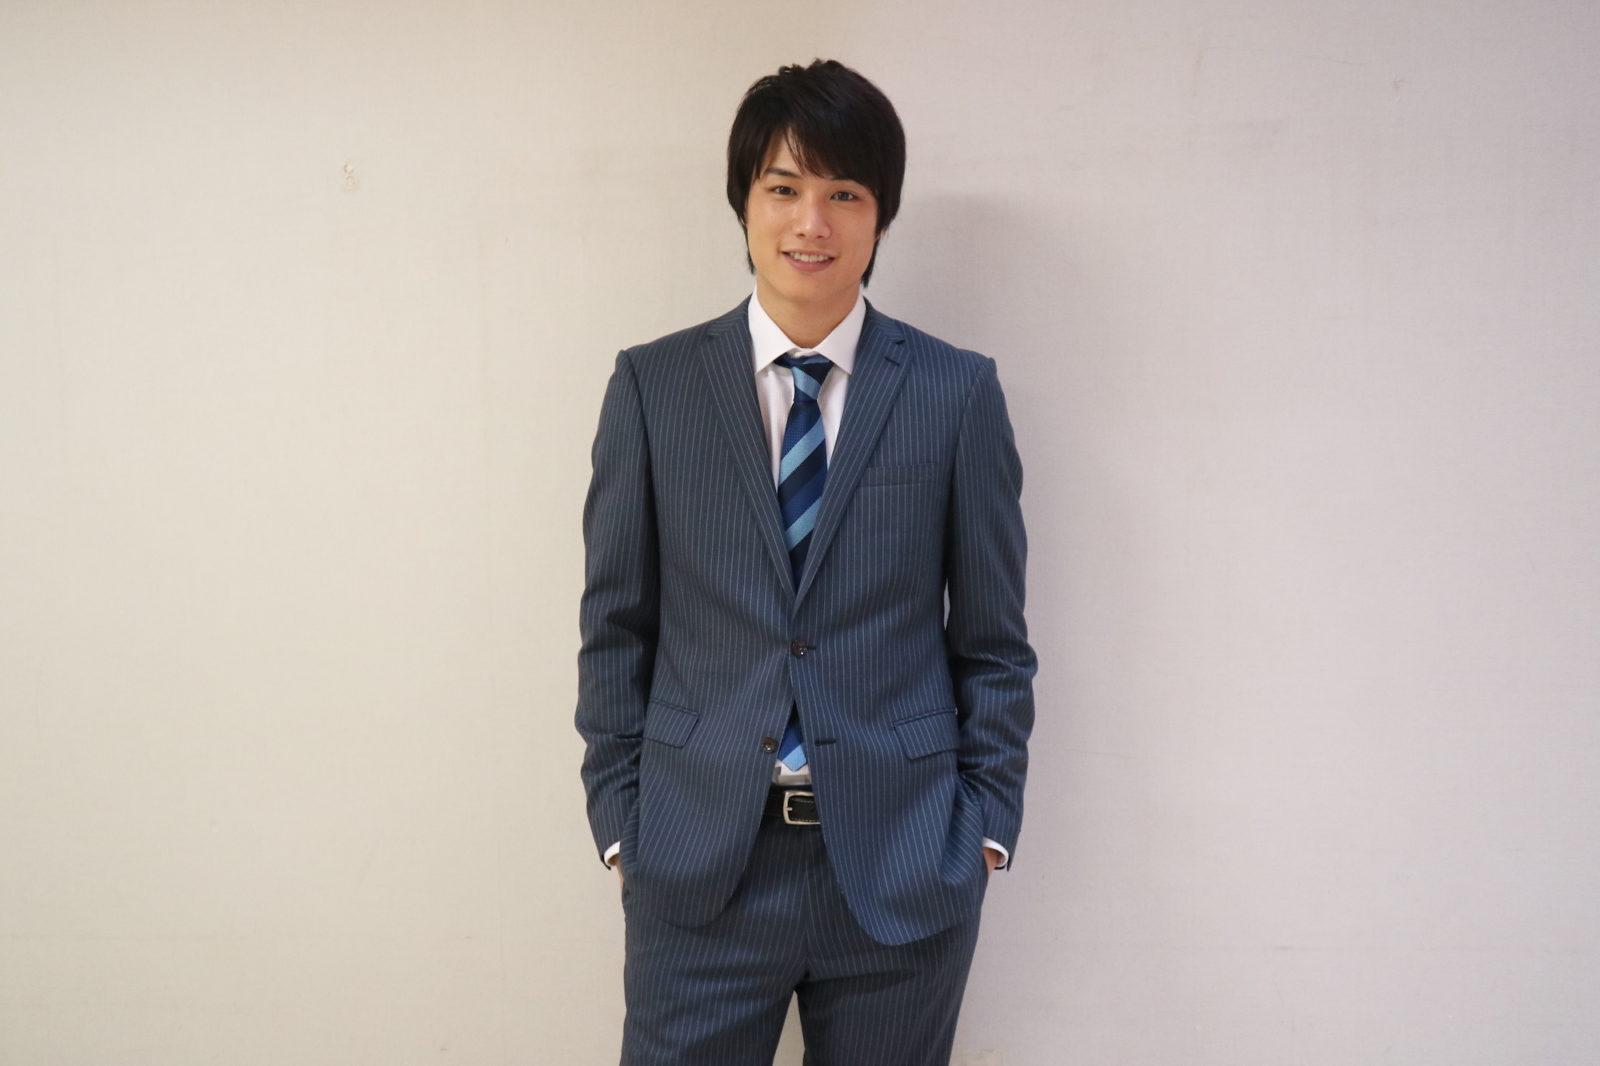 有島役で人気急上昇中の俳優・鈴木伸之が『あなそれ』と自身を語る! 「本当『クズだな』って声、多いですね(笑)」【インタビュー】サムネイル画像